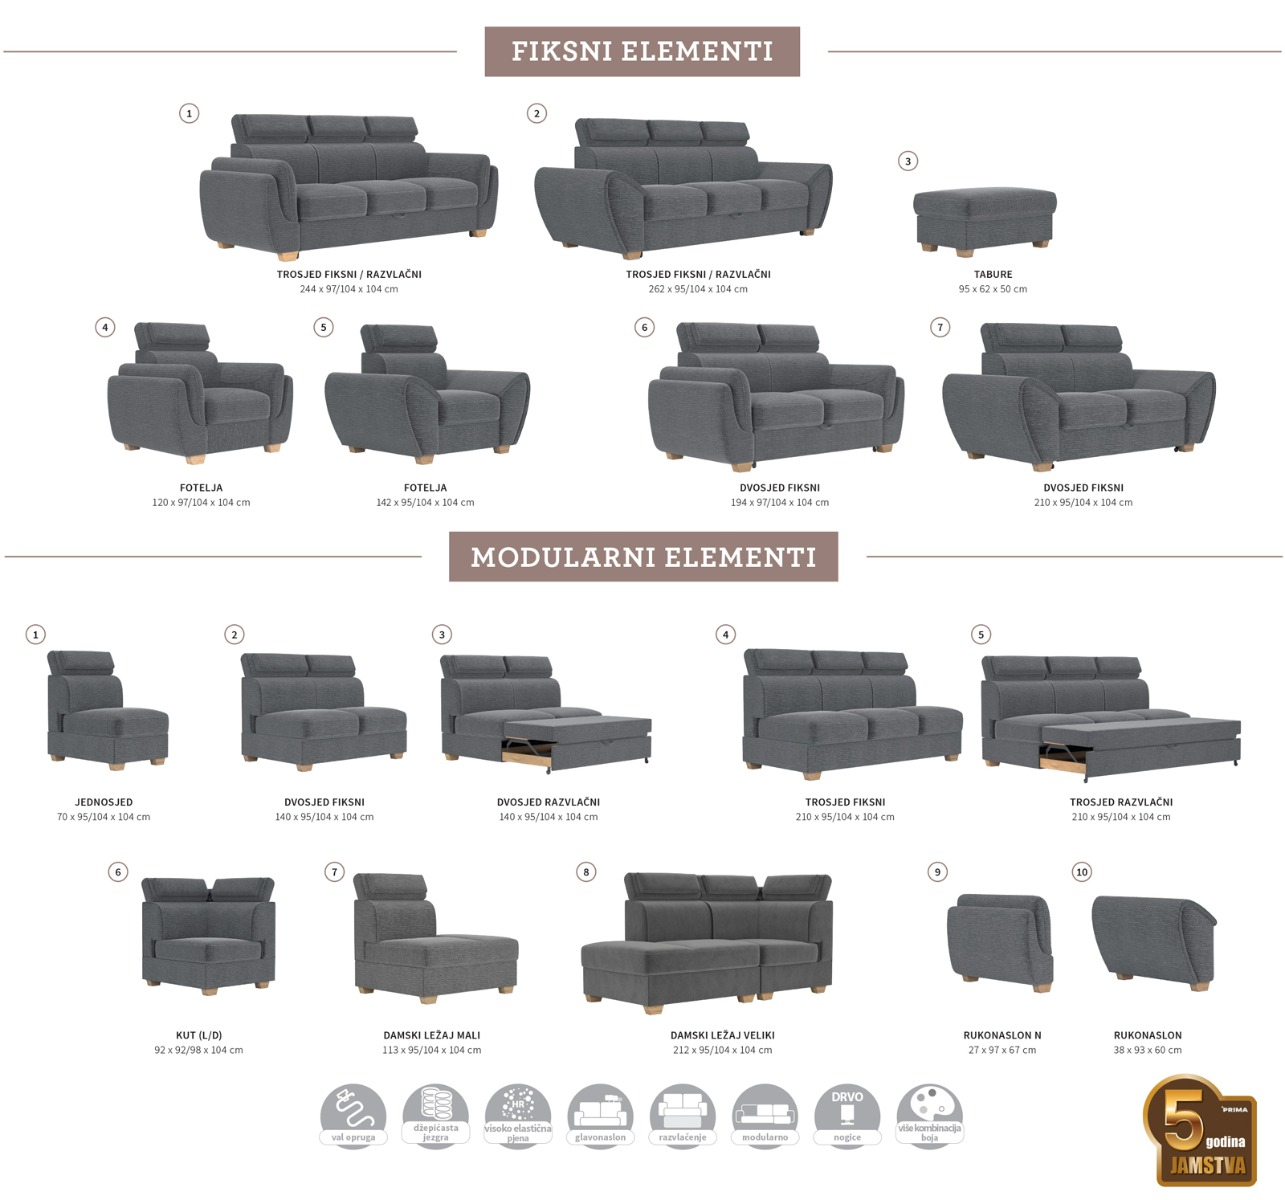 oviedo-premium-garniture-elementi